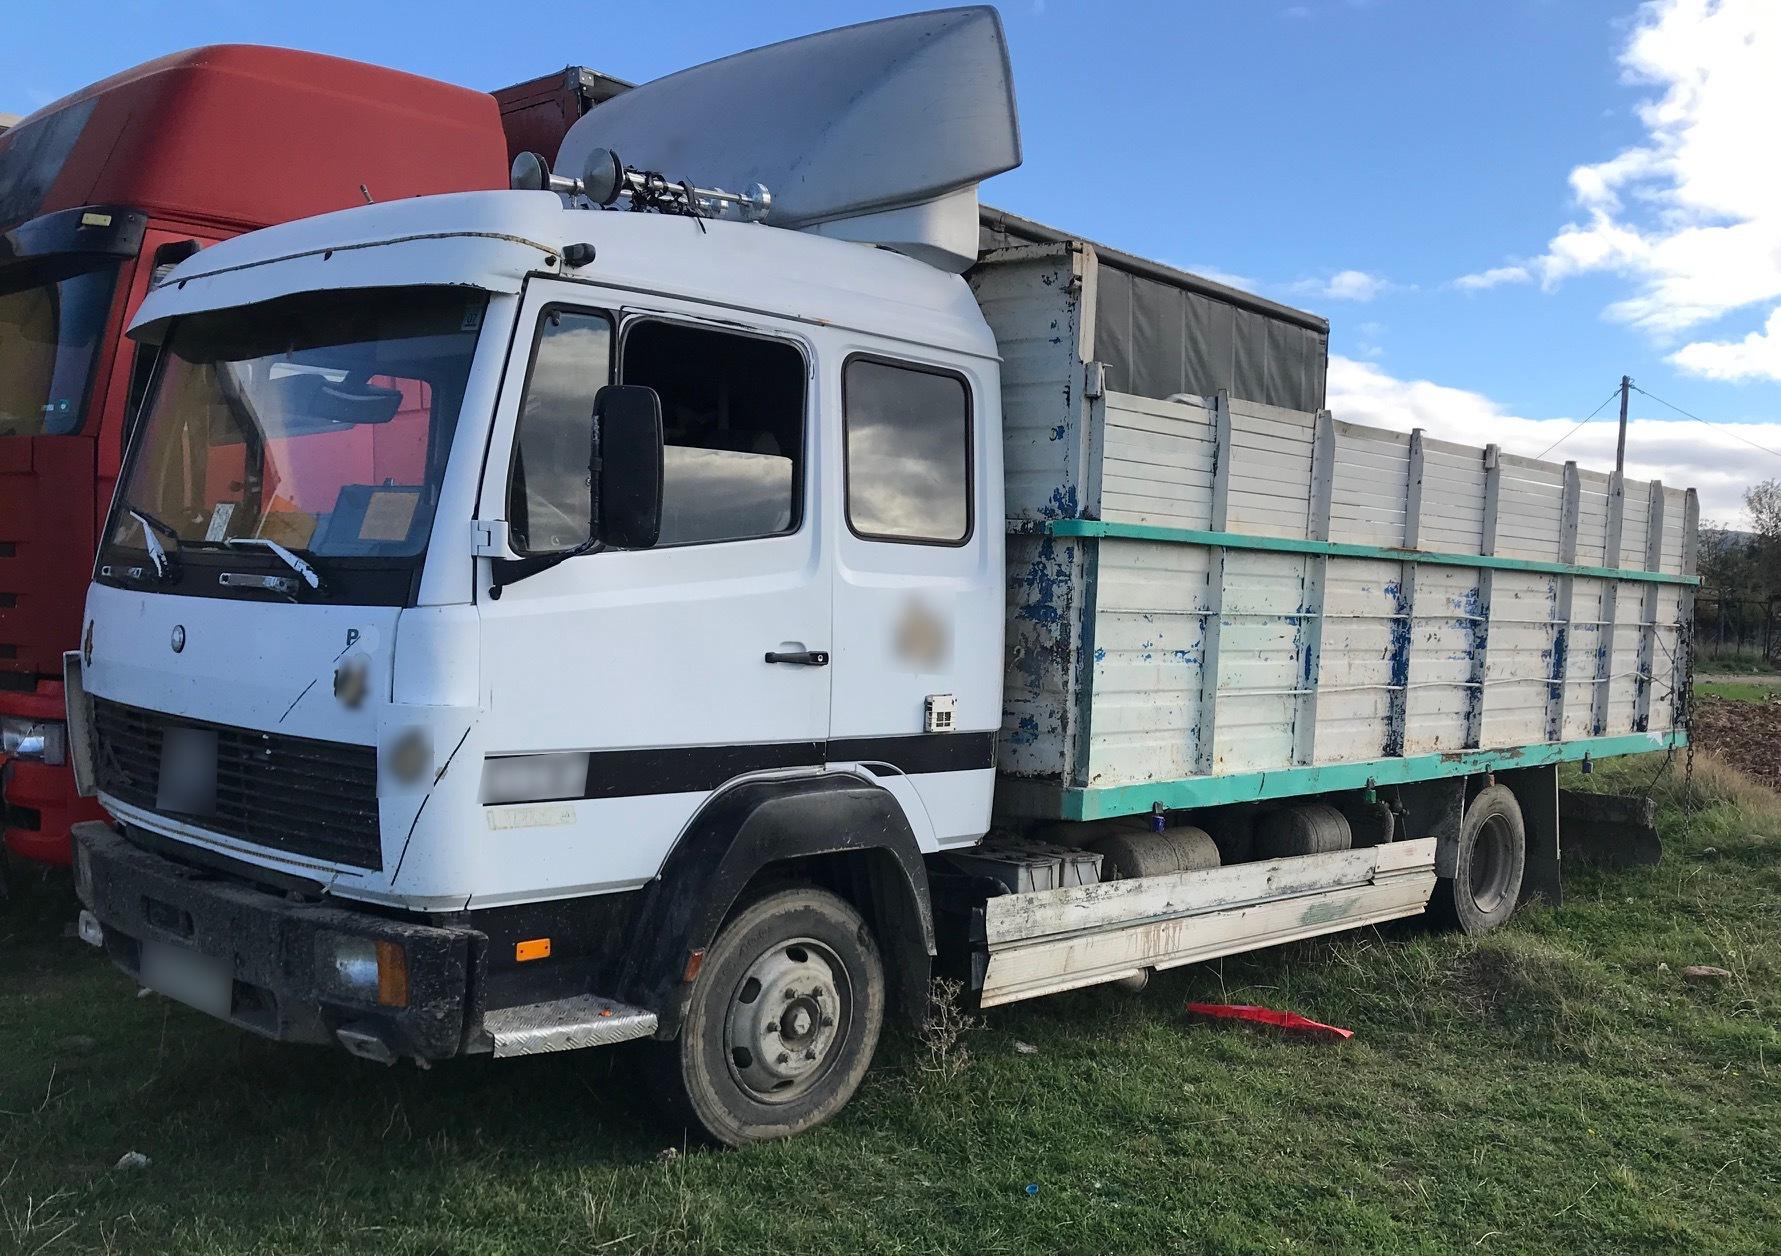 Θράκη: Καταδίωξη διακινητών και τροχαίο με φορτηγό